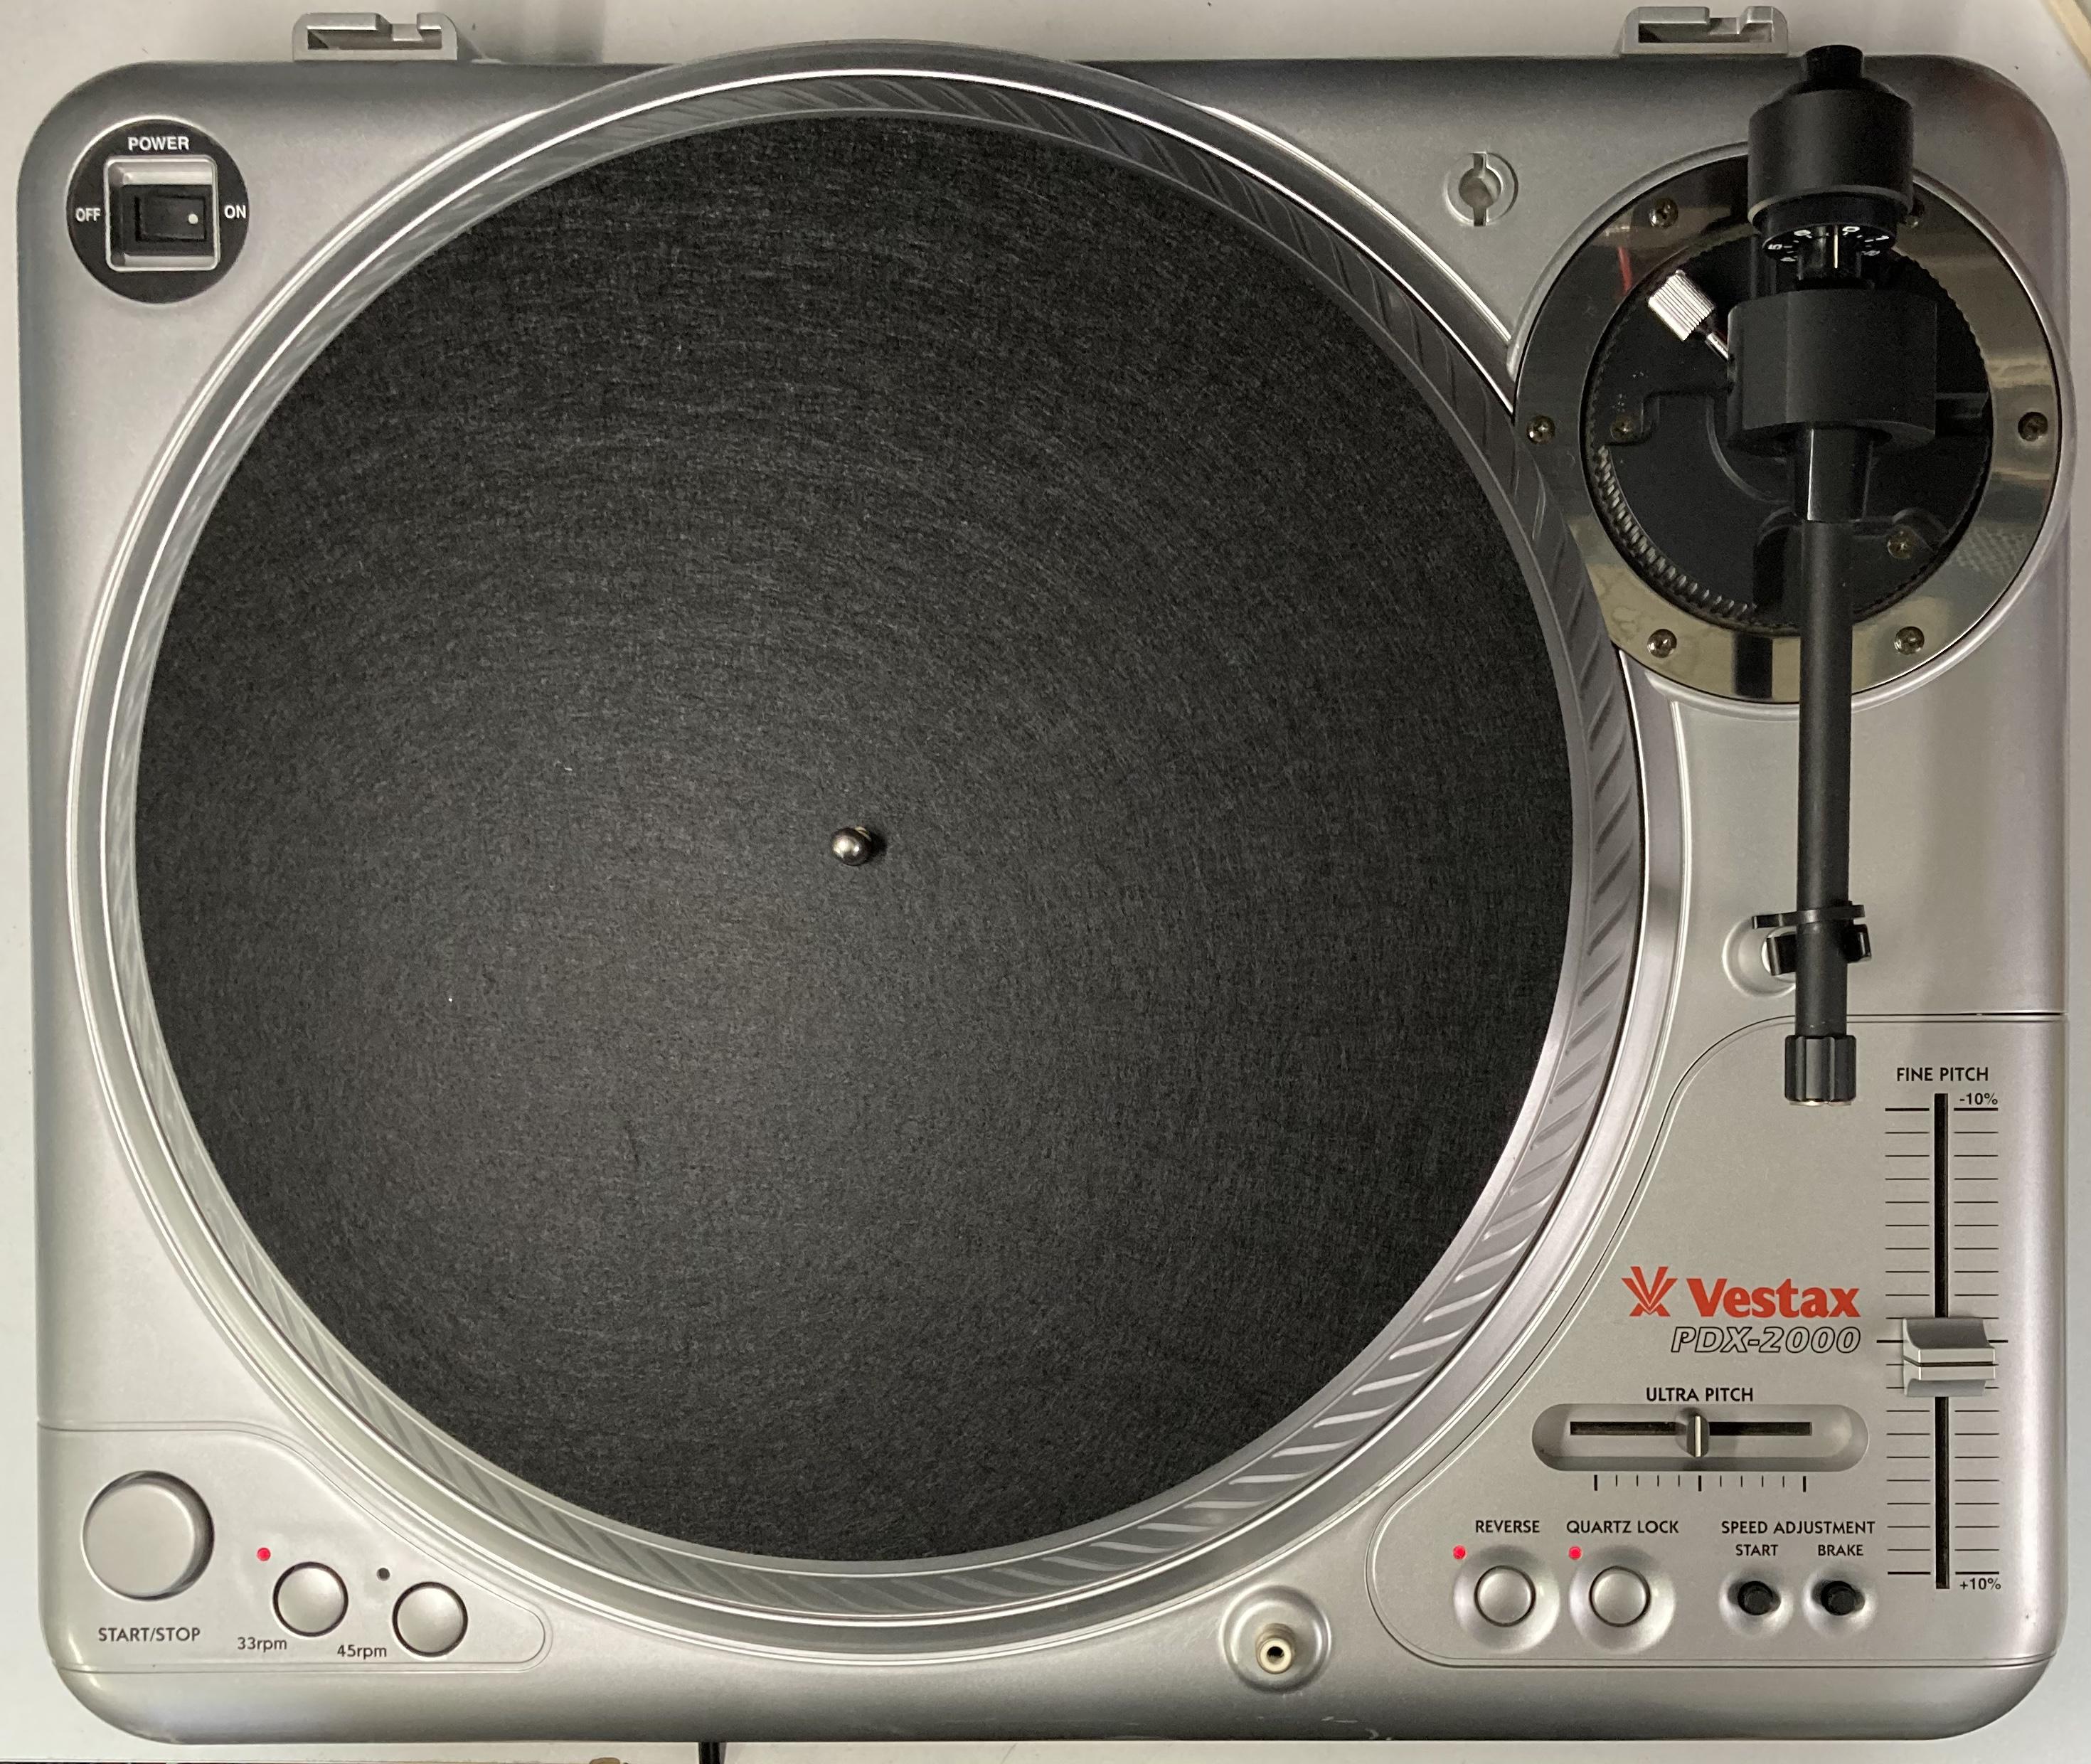 [安心のメンテナンス/カスタム済USED] Vestax PDX-2000 シルバー (インシュレーター改善品)【6ヶ月保証付き】 TT-0091